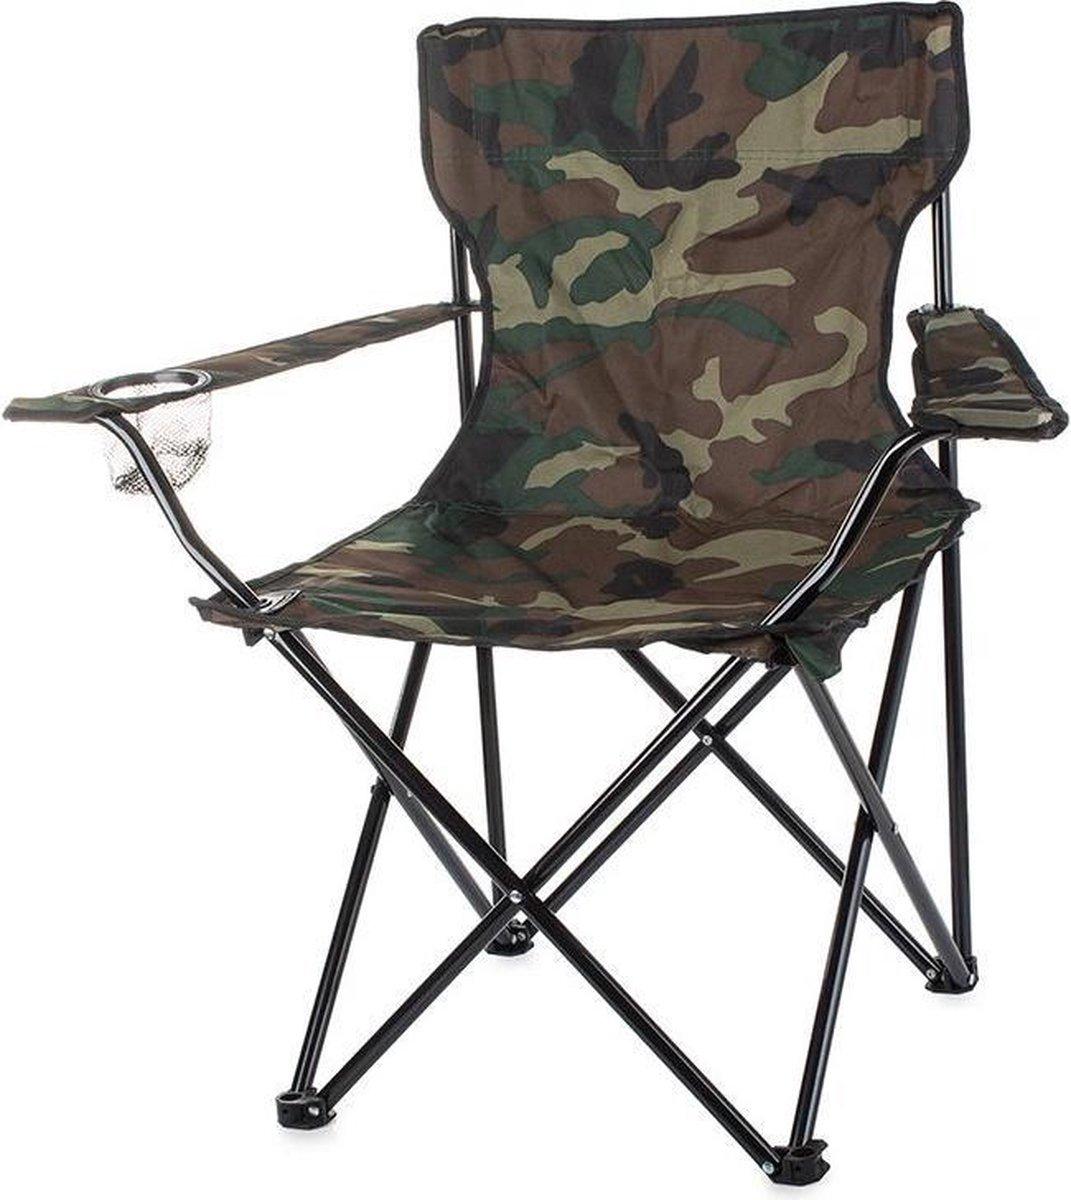 Grote reisvisstoel met camouflageprint- Visstoel- Campingstoel- Camping- Caravan-Camper